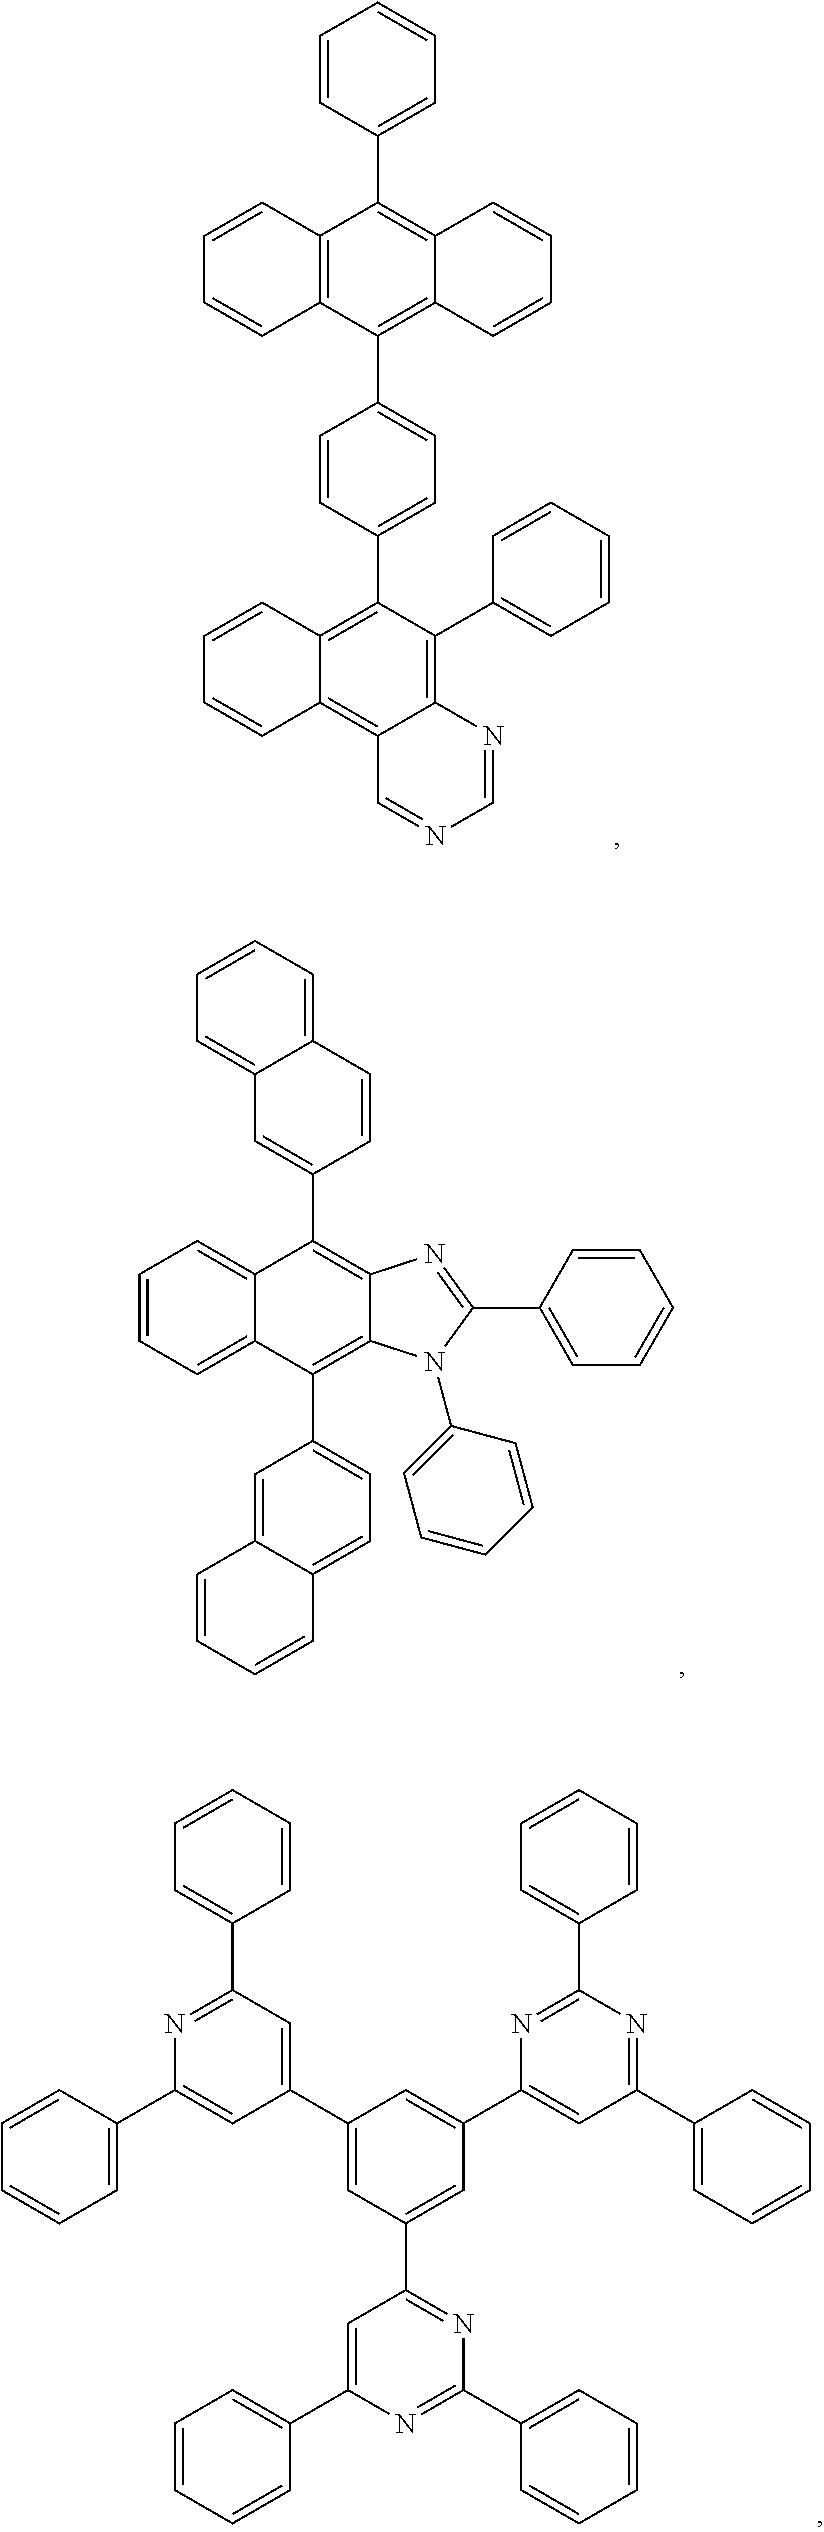 Figure US09929360-20180327-C00183